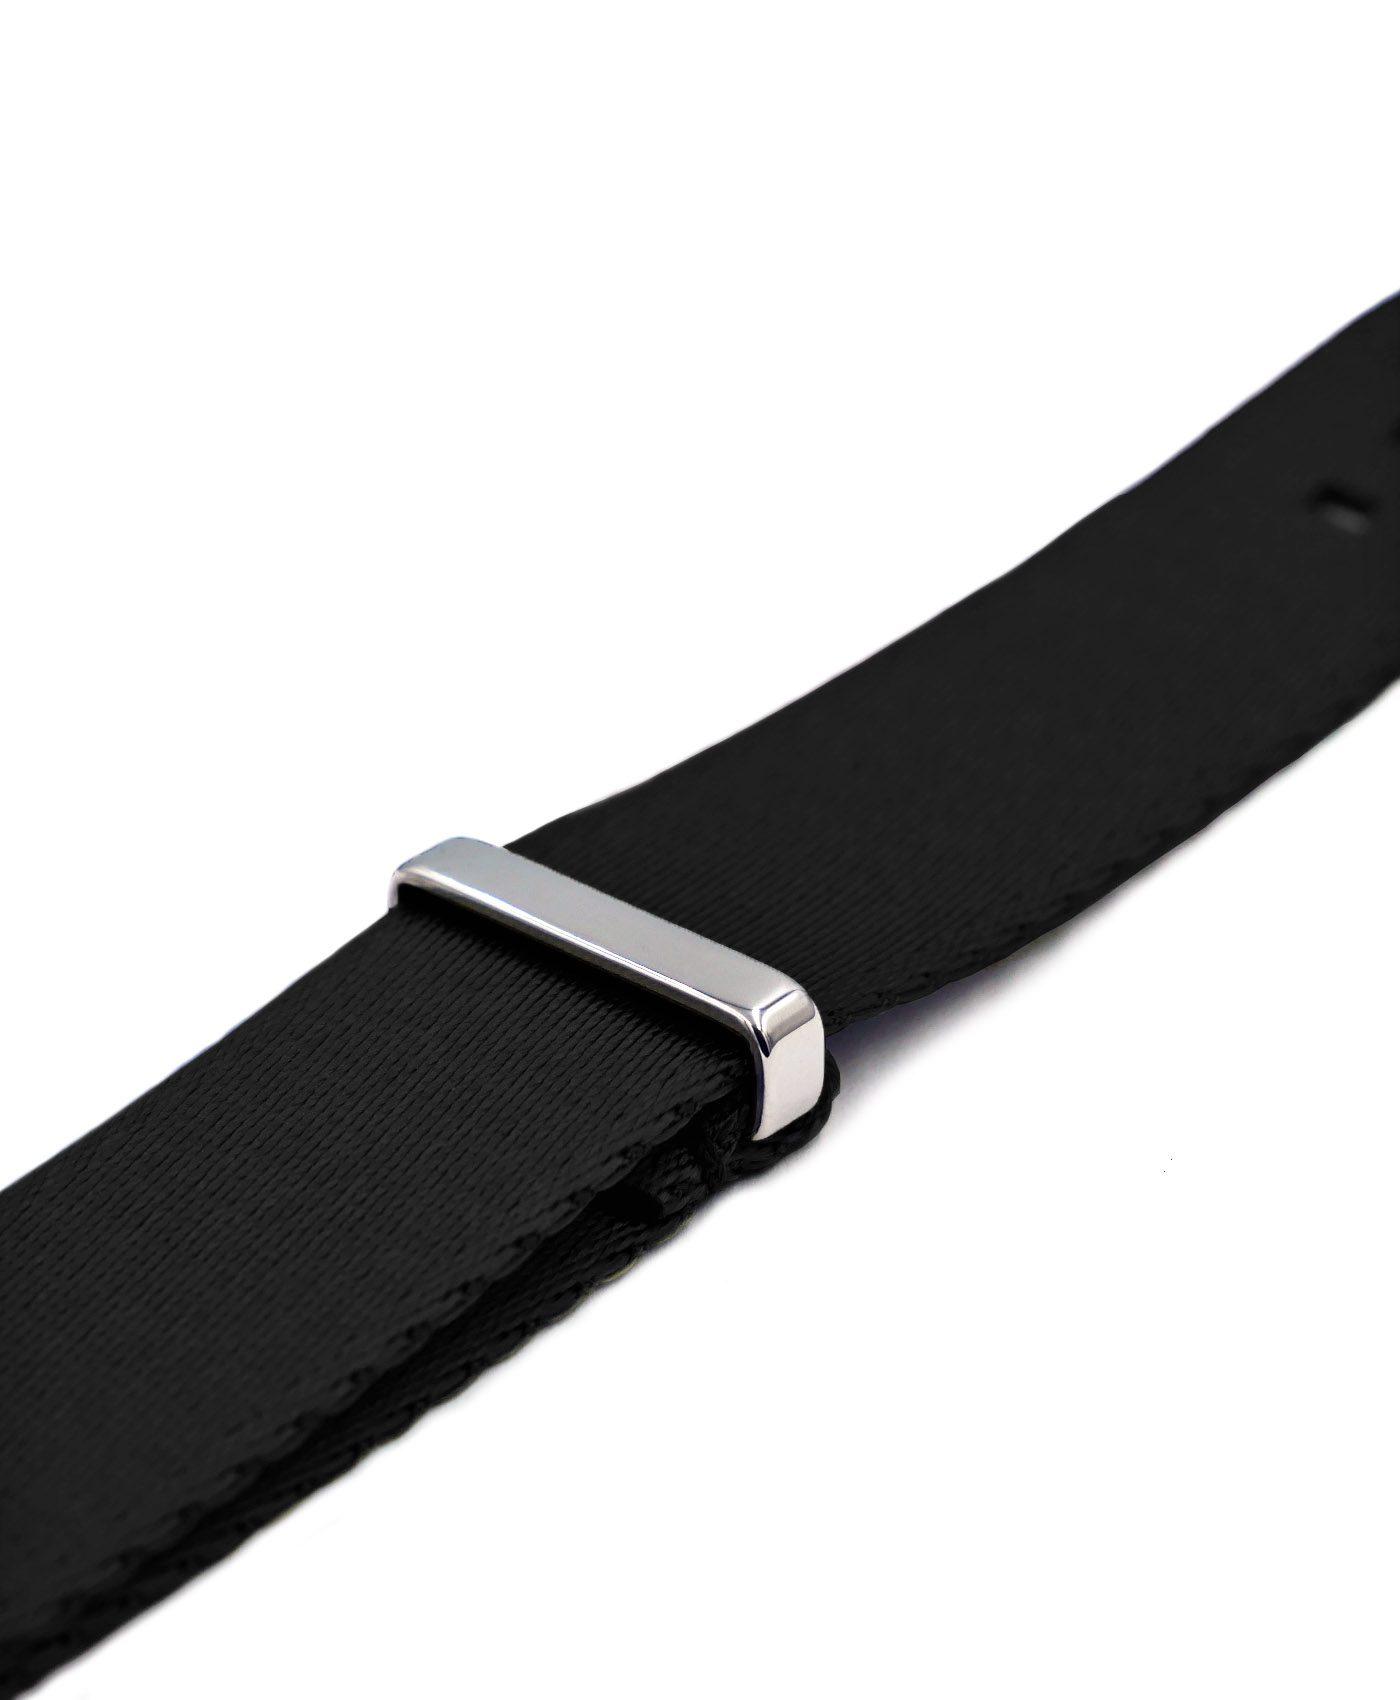 Premium 1.2 mm seat belt polished NATO Strap black side by WatchBandit